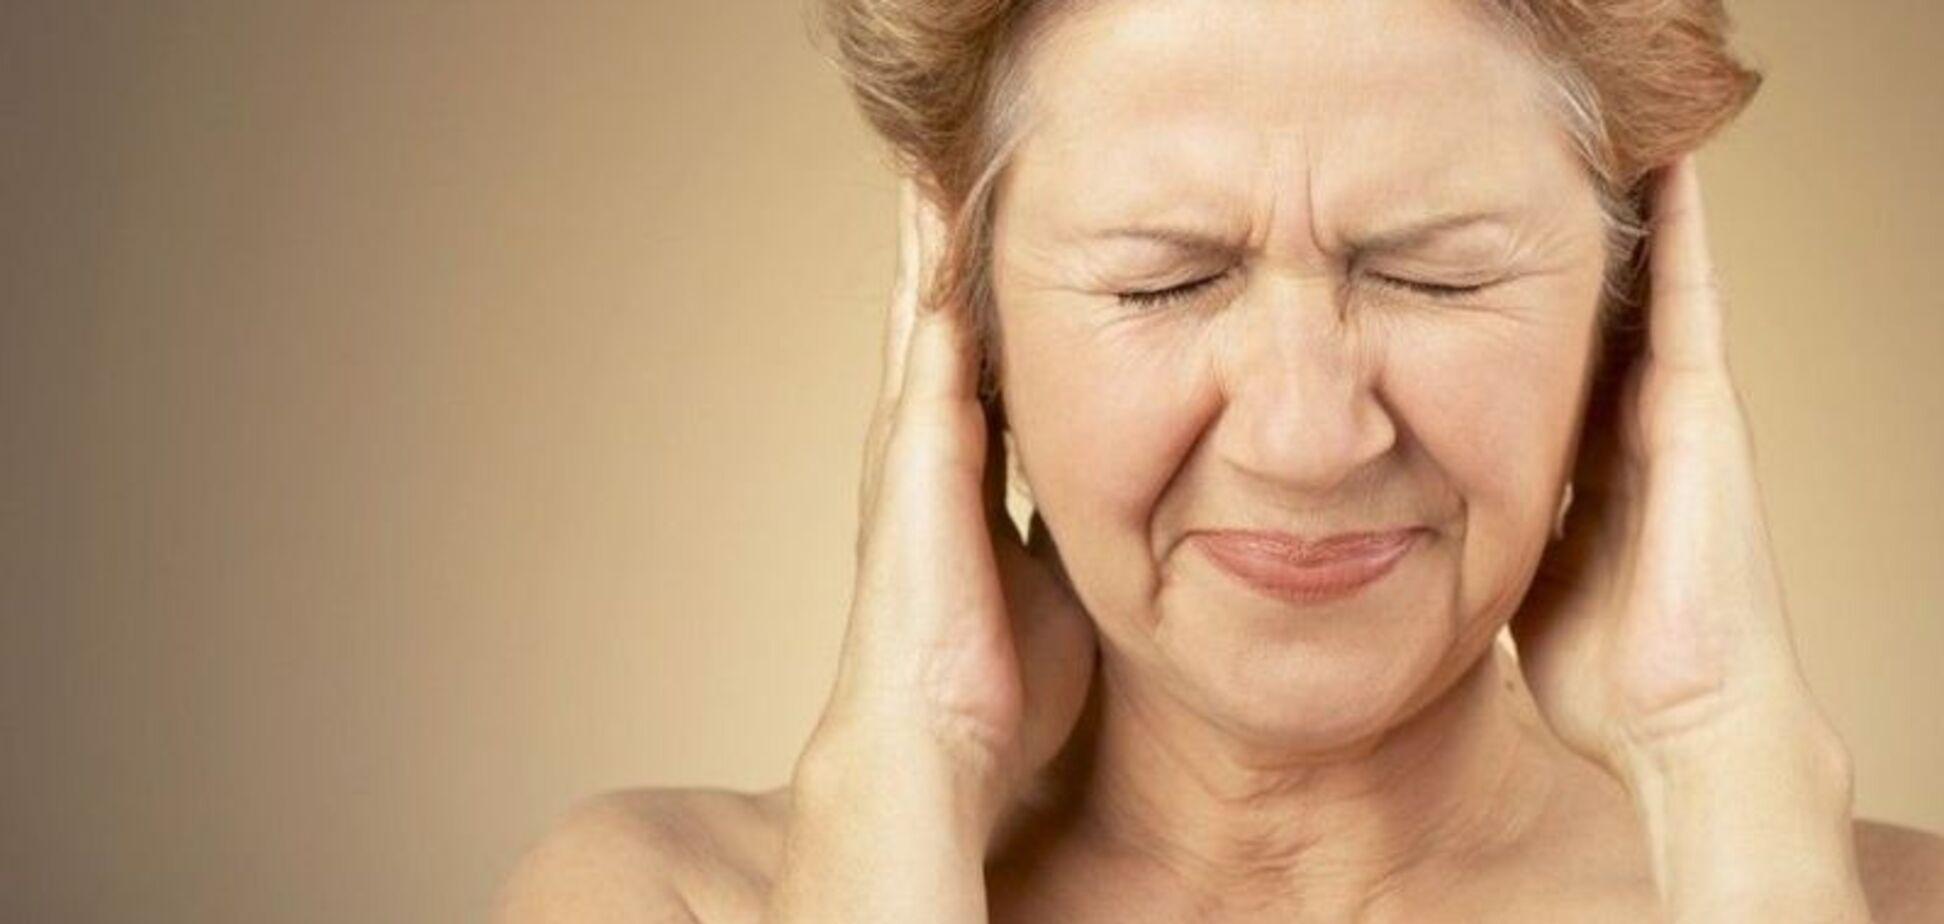 Безсоння і шум у вухах: лікарка назвала 5 ранніх ознак гіпертонії